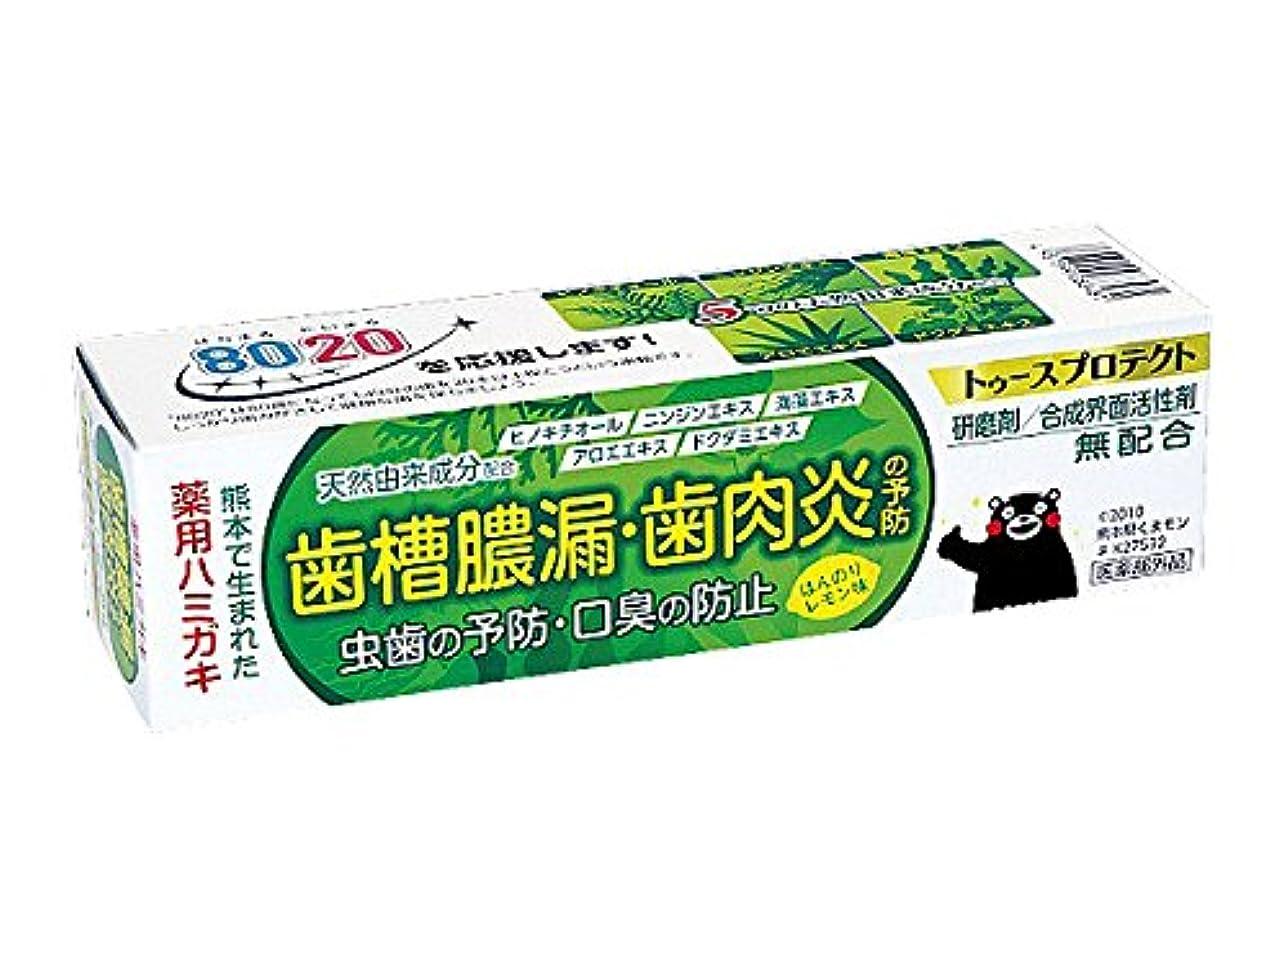 寛容振り子鎮痛剤トゥースプロテクト100g [医薬部外品]